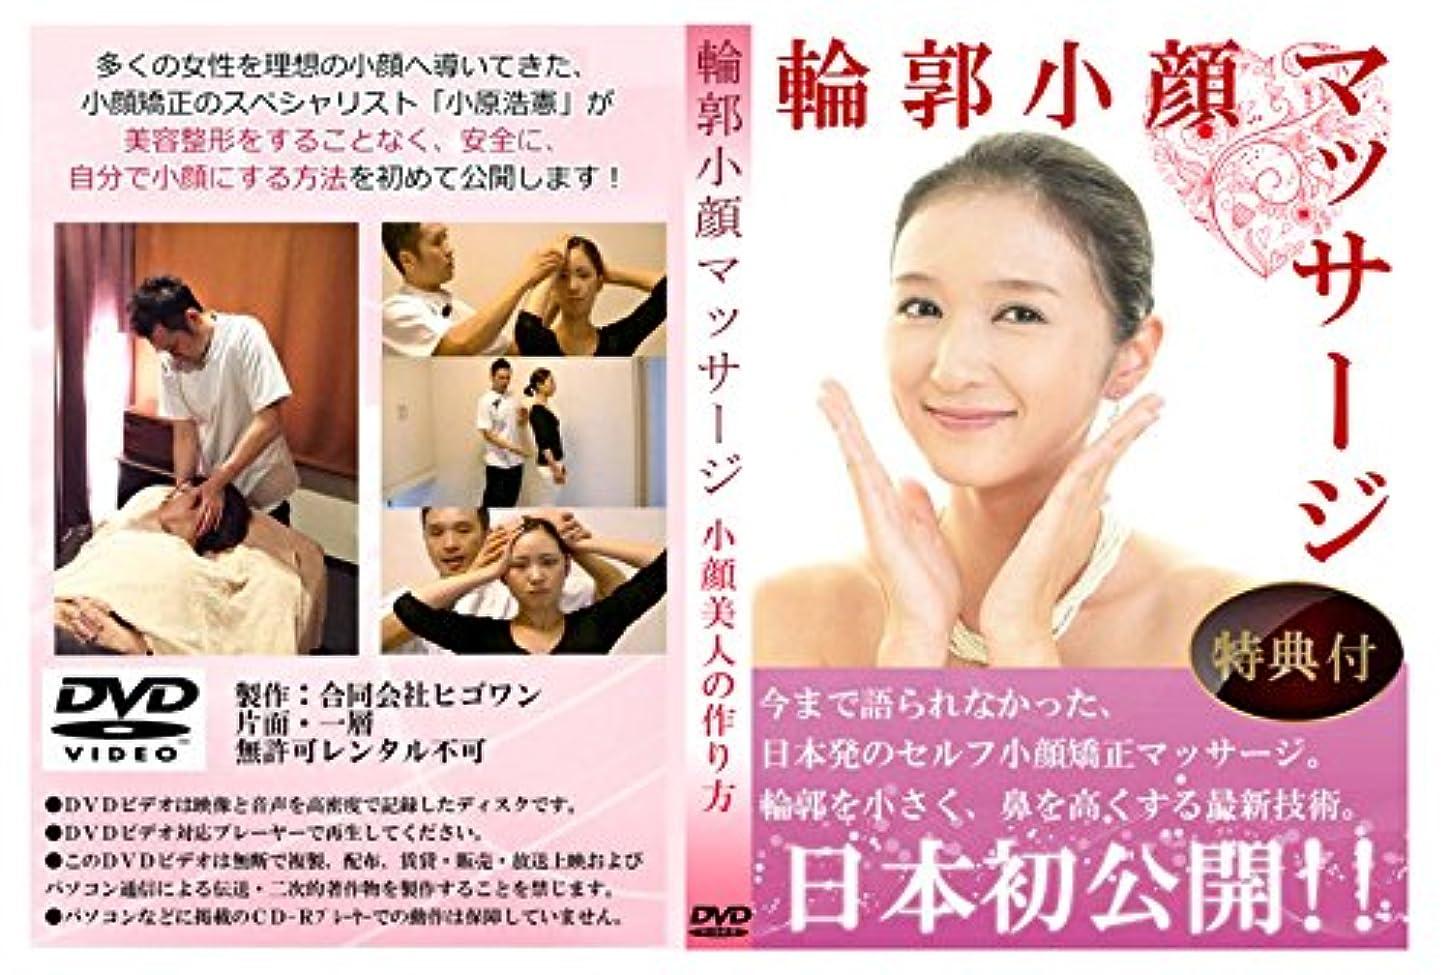 美的請求単なる今まで語られることが無かった日本発の極秘の小顔法【輪郭小顔マッサージ】DVD